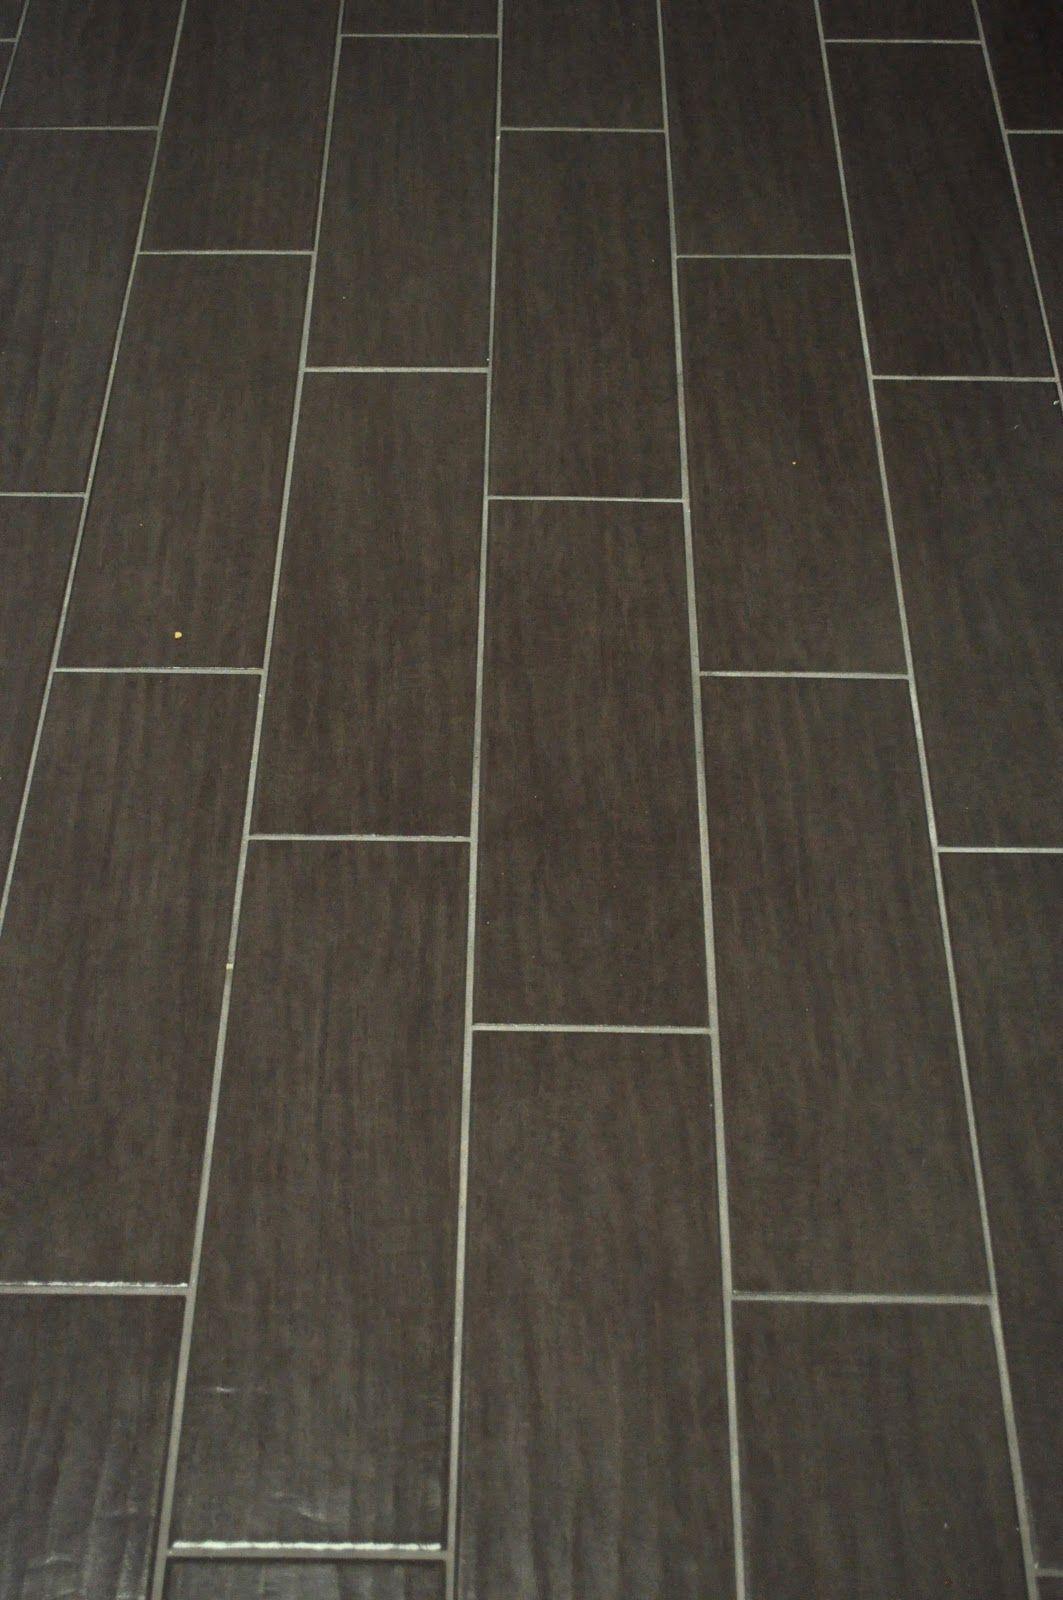 Floor design fair image of home interior floor decoration using floor design fair image of home interior floor decoration using dailygadgetfo Choice Image